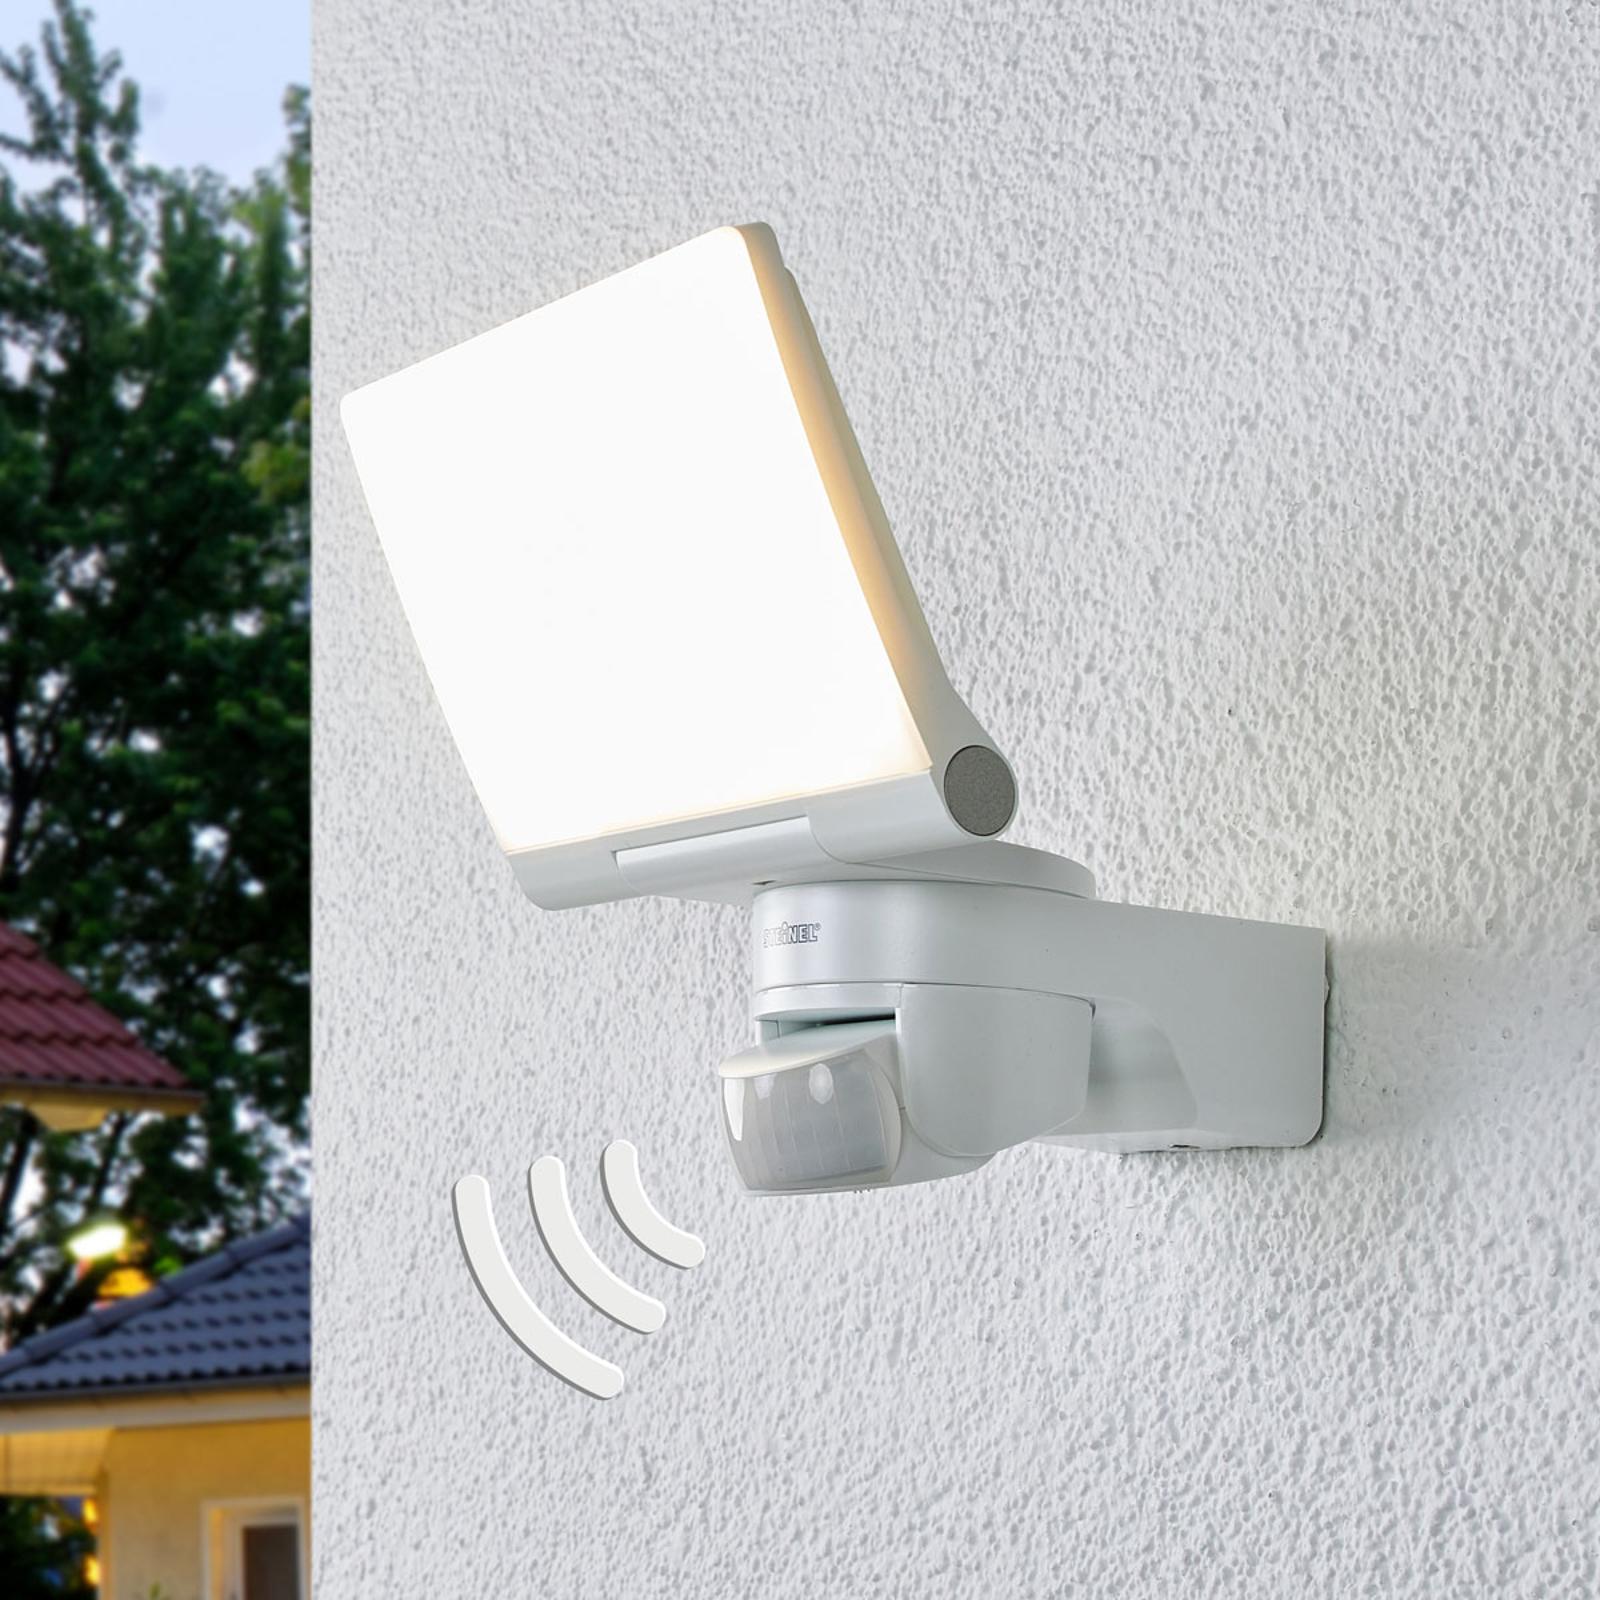 XLED Home 2 XL – LED-seinävalaisin tunnistimella